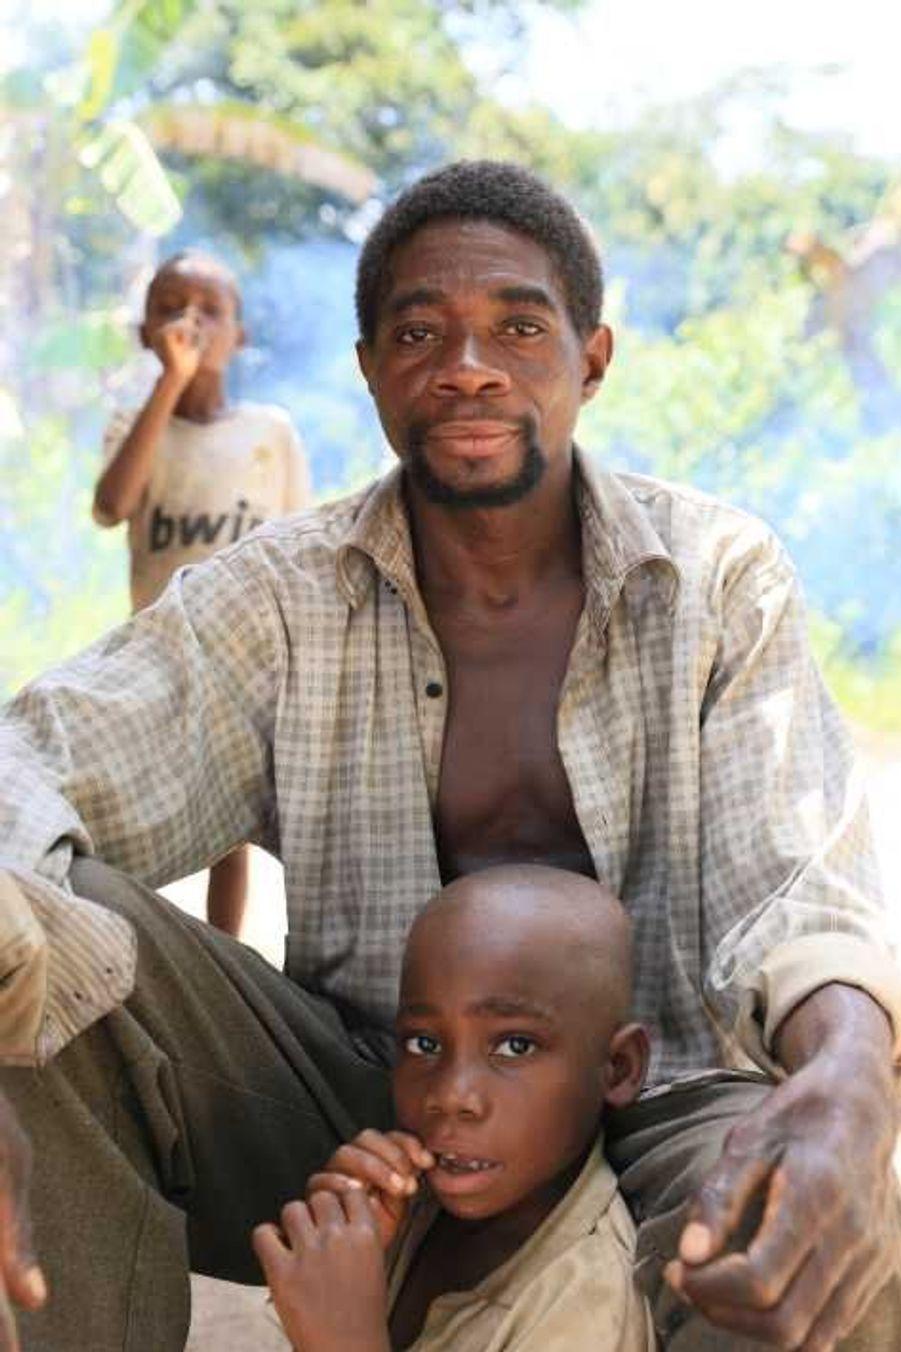 Mongemba et son fils Indongo, Pygmées ba'aka. Parmi les Ba'Aka, qui vivent en République du Congo et en République centrafricaine, les pères passent environ la moitié de la journée auprès de leurs bébés. Ils leur donnent même leur téton à sucer si l'enfant pleure et si la mère, ou une autre femme, n'est pas disponible. Il n'est pas rare de se réveiller dans la nuit et d'entendre un père chantant une berceuse à son enfant, explique le professeur Barry Hewlett, un anthropologue américain qui a vécu avec les Ba'Aka pendant des années. Pendant des décennies, les Pygmées ont été victimes de la spoliation de leurs terres au nom de la conservation et ont souffert des conséquences de l'activité minière, de l'exploitation forestière et du développement des plantations de palmier à huile.Il existe actuellement un projet d'exploitation de mines de fer dans la région de Tridom dans le bassin du Congo. Ce projet nécessitera la construction d'une voie de chemin de fer et occasionnera l'afflux d'un grand nombre d'ouvriers, ce qui affectera encore davantage le mode de vie de milliers de Pygmées baka et bakola.